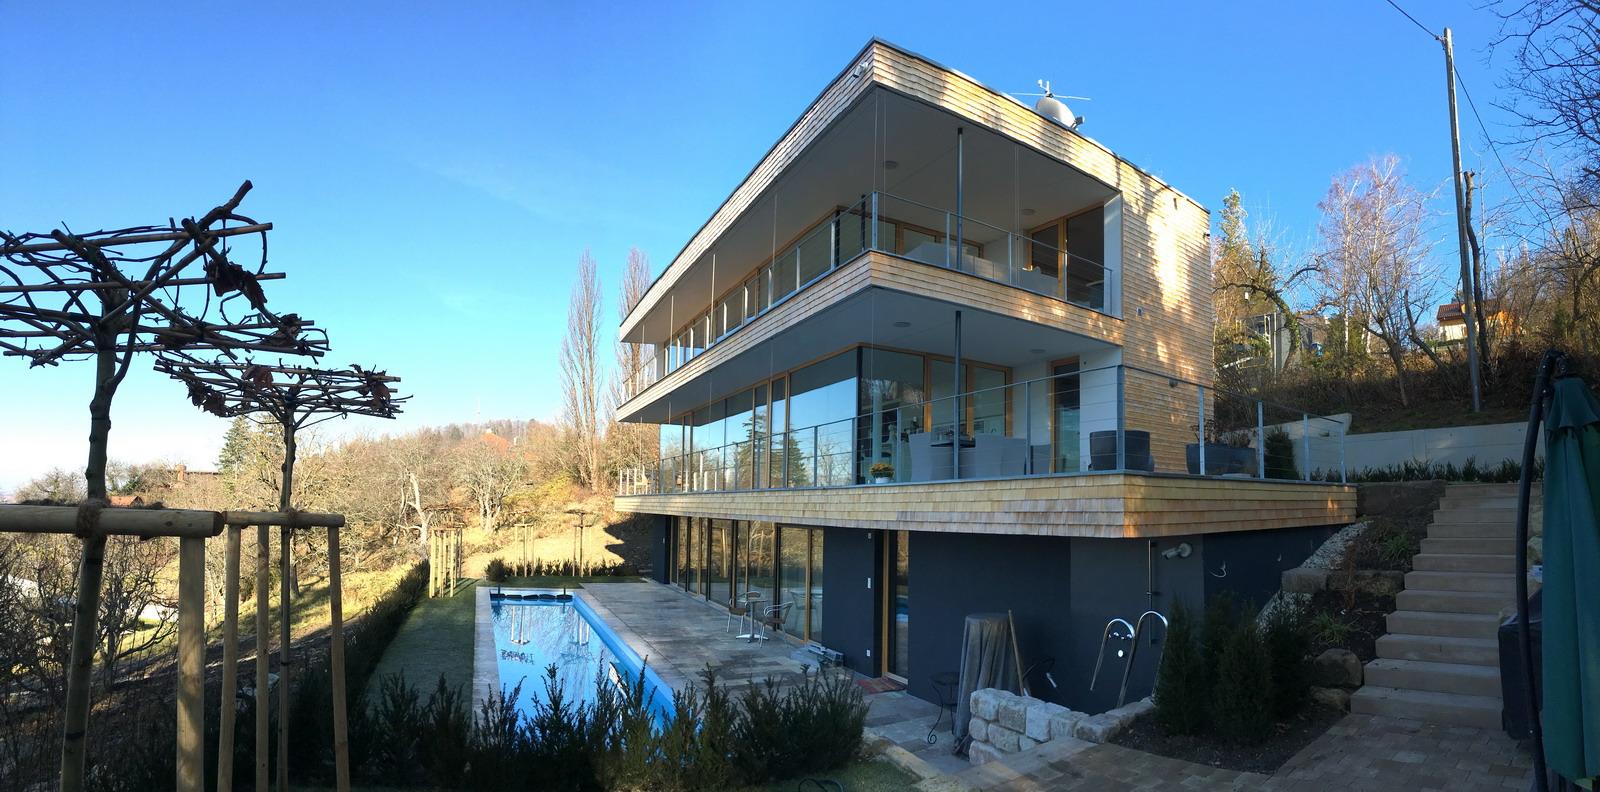 Architekten Reutlingen Umgebung architekten reutlingen umgebung house an der achalm preis dasch